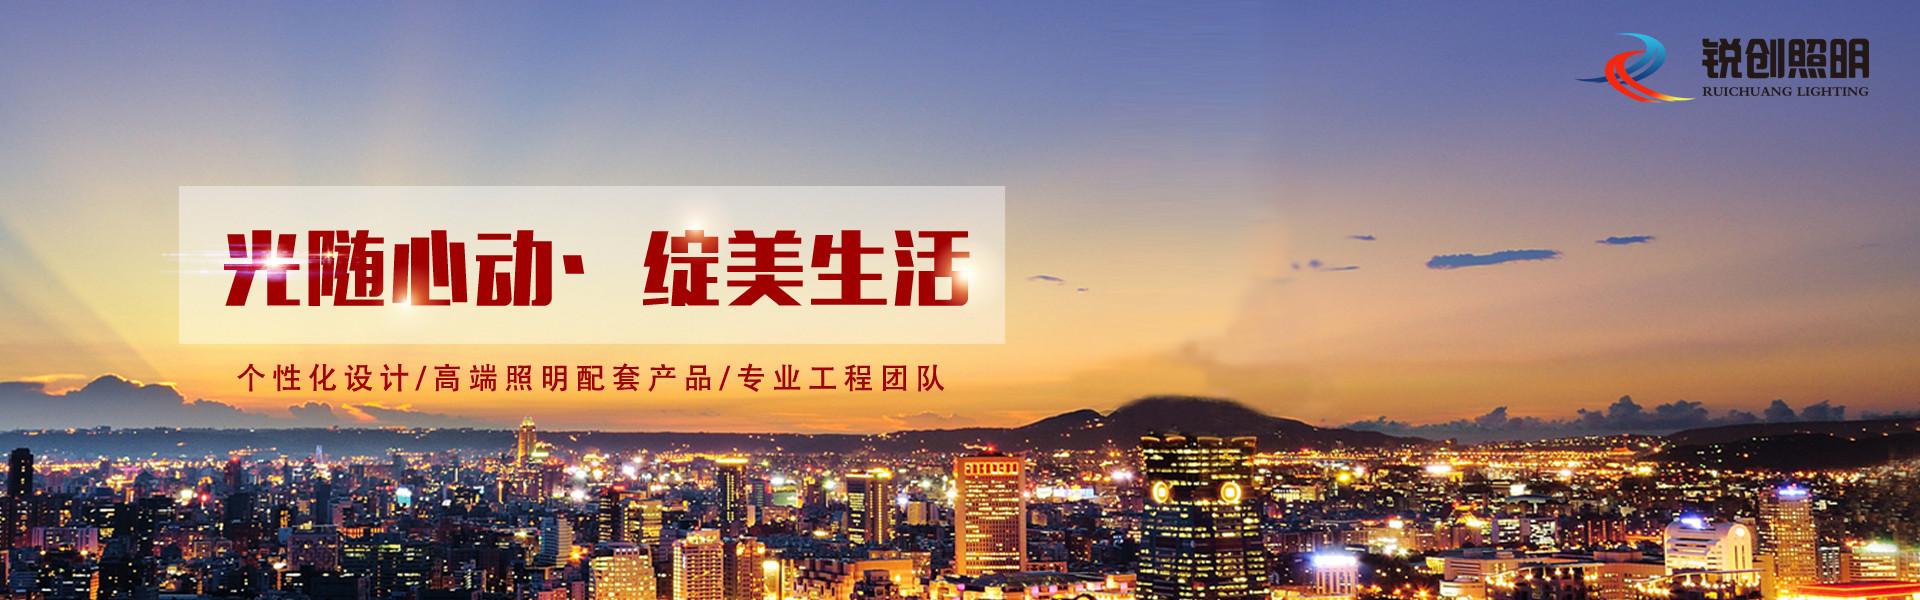 湖南锐创照明工程公司是一家专业承接长沙亮化工程的综合服务解决商